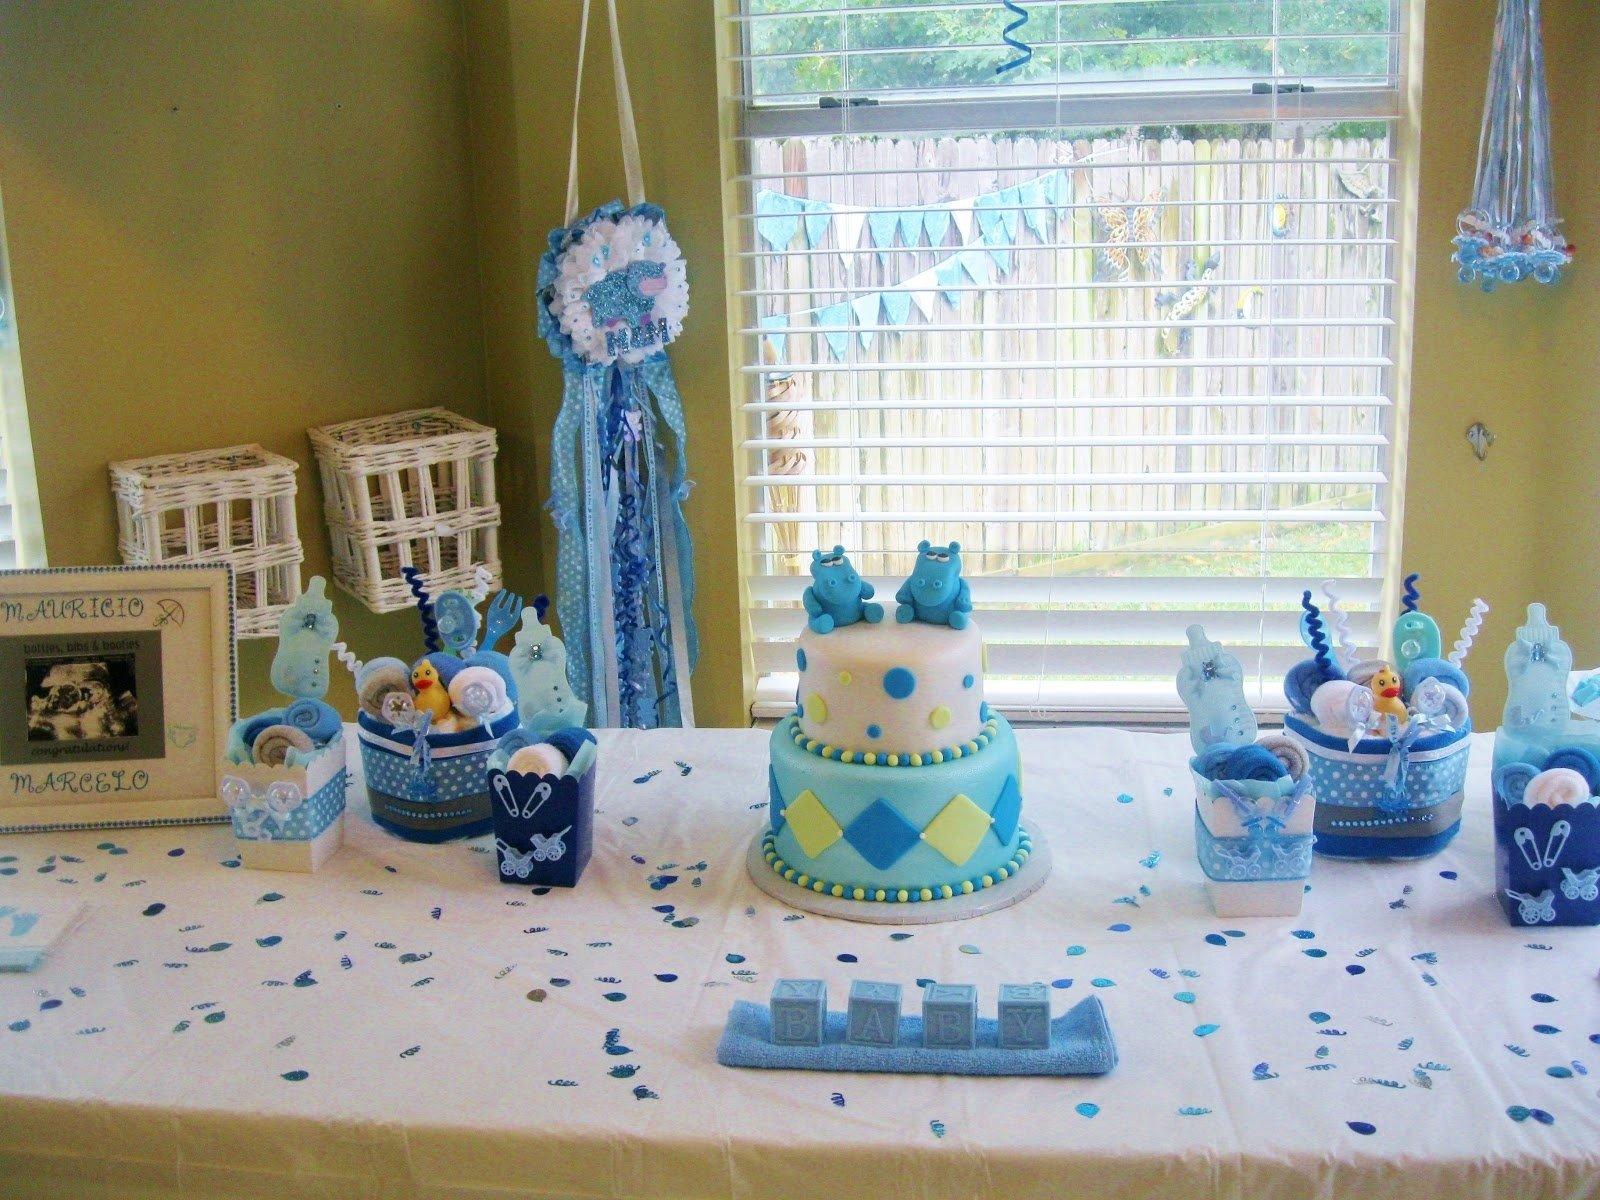 10 Wonderful Baby Shower Decoration Ideas For A Boy